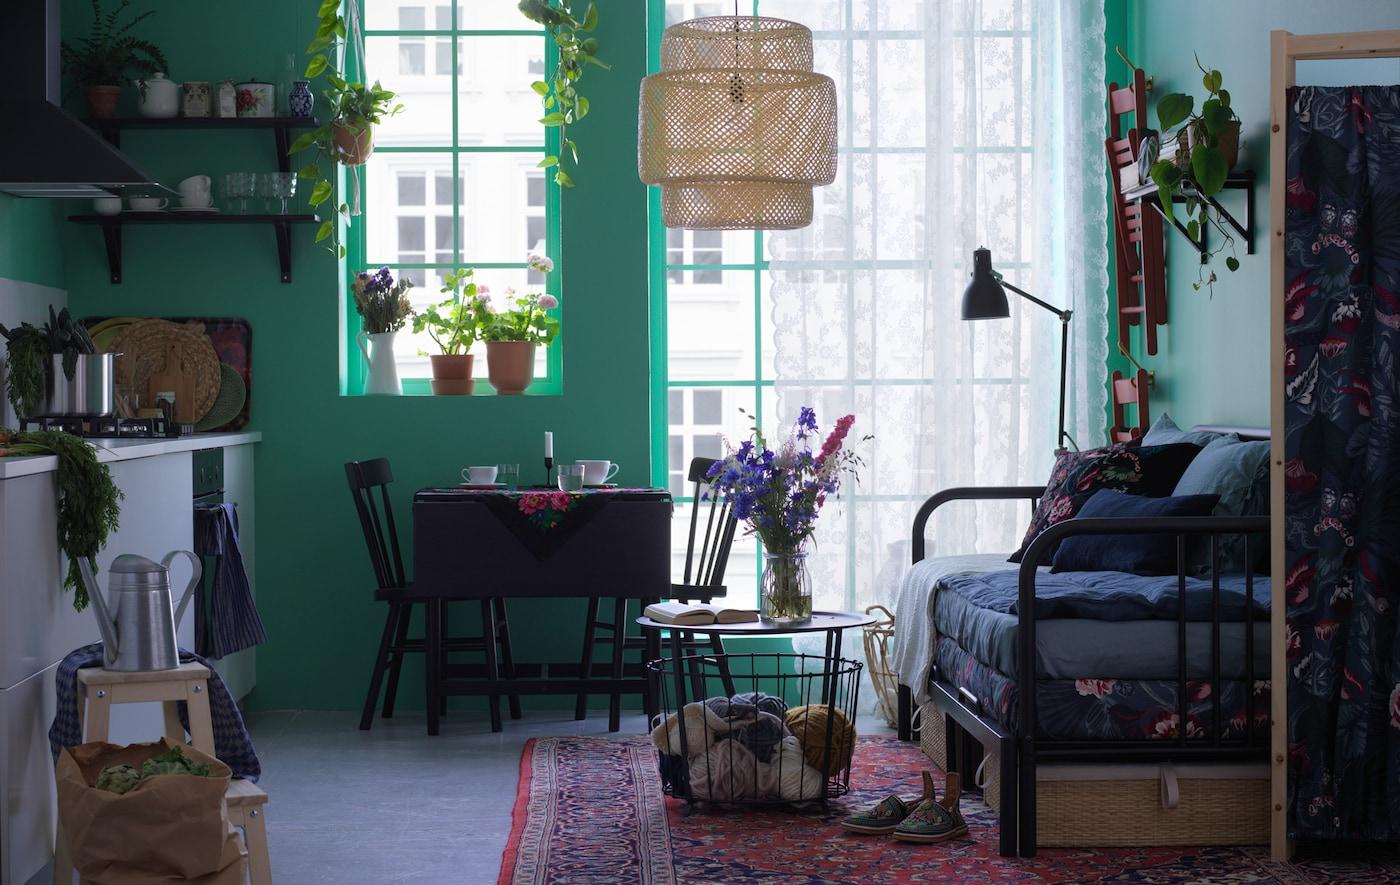 سرير نهاري FYRESDAL في غرفة جلوس مع طاولات وكراسي.